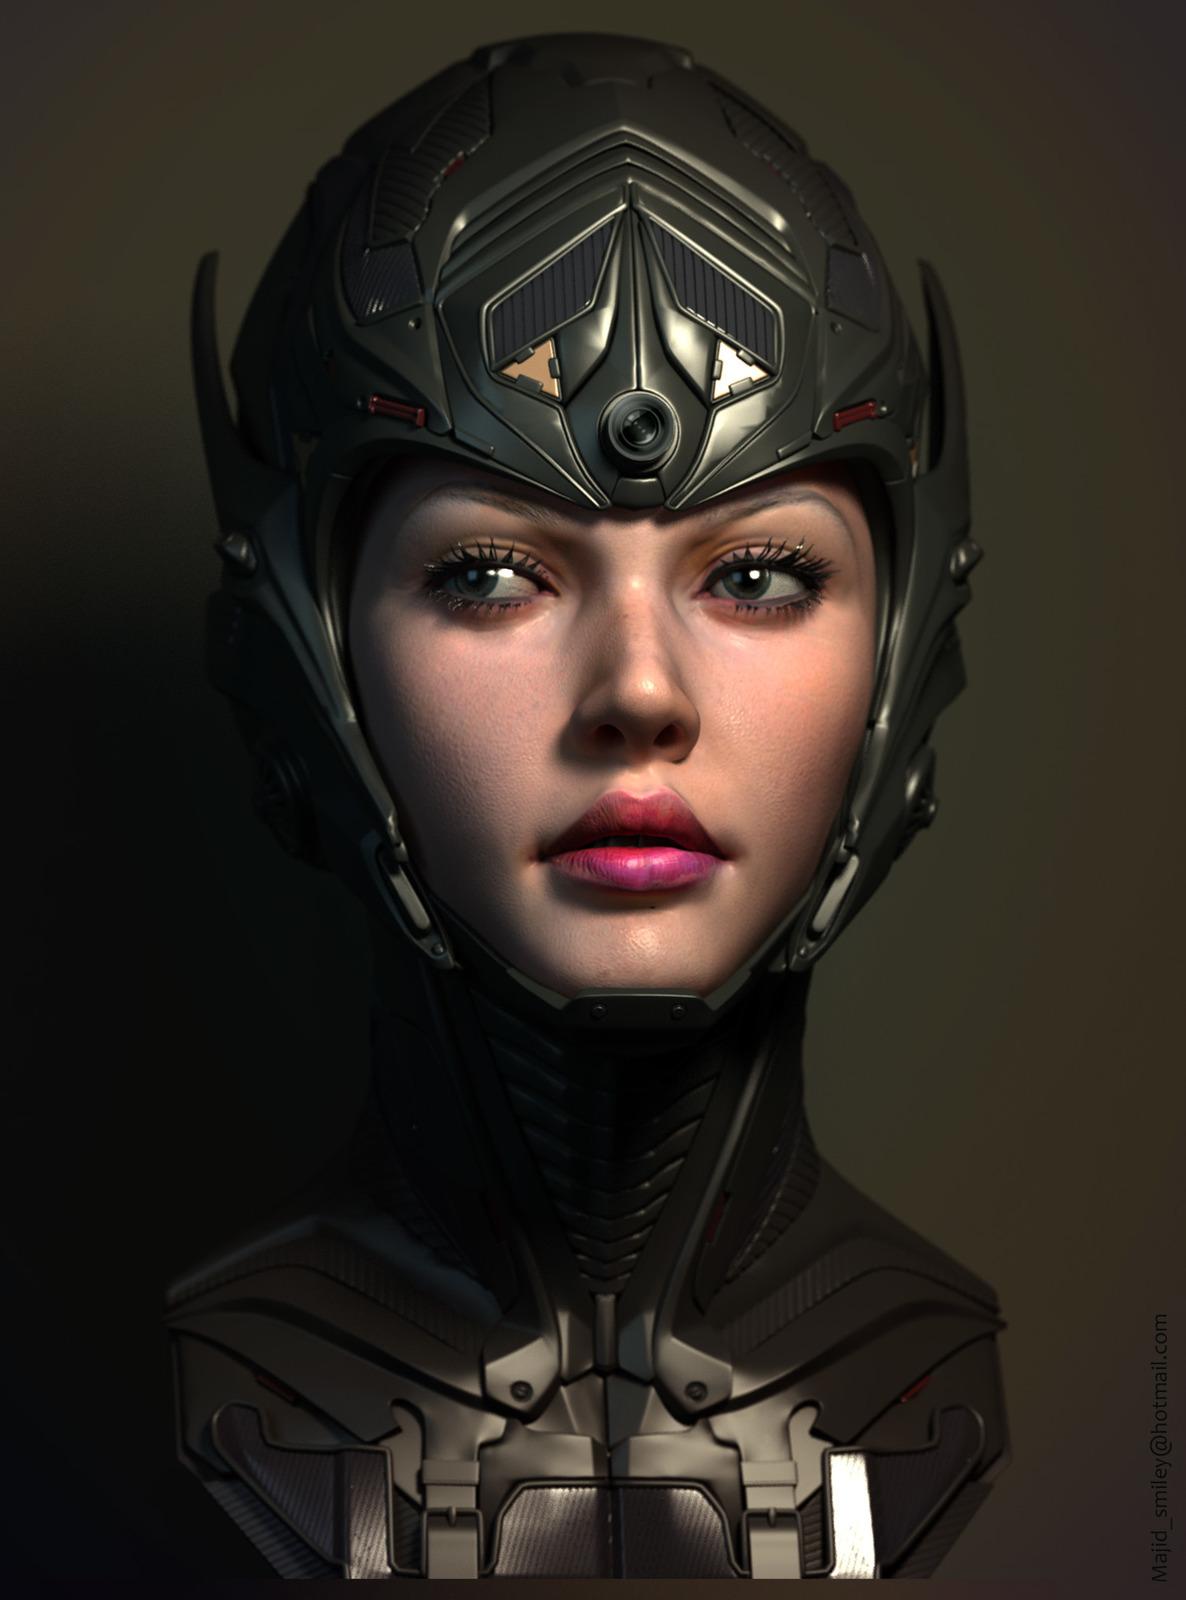 scifi girl-test render in Maya-VRay